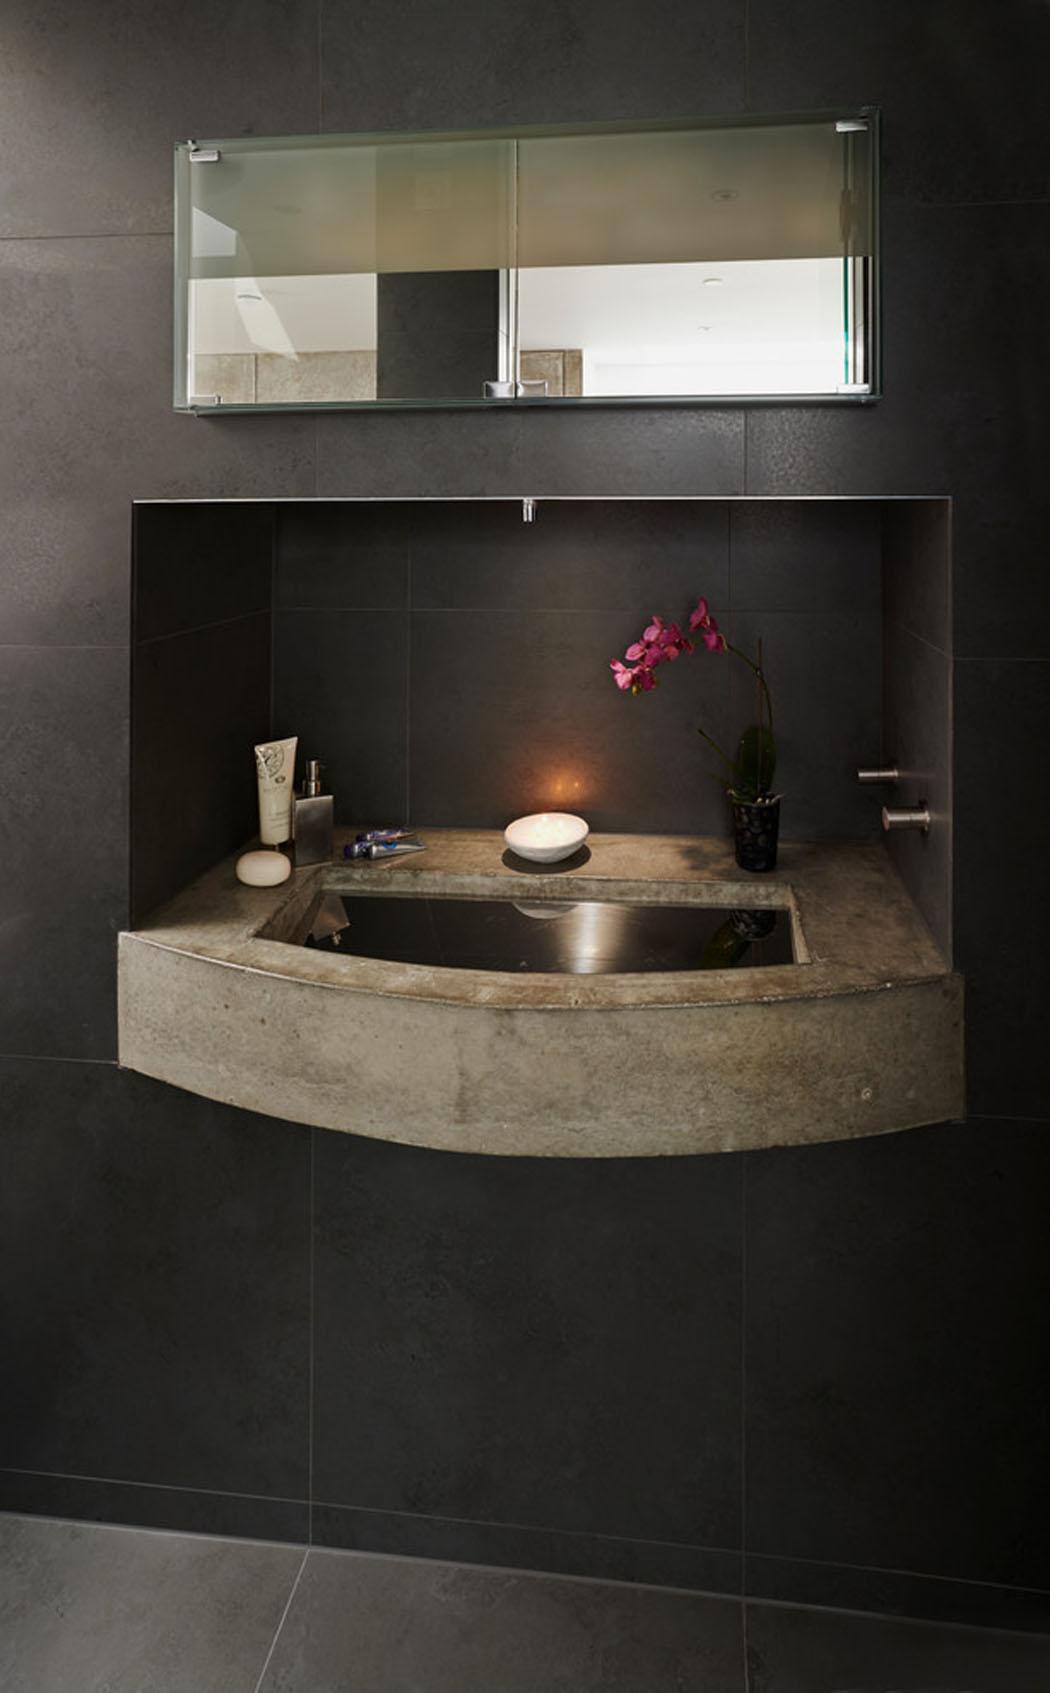 Interieur maison moderne toilette for College lasalle design interieur